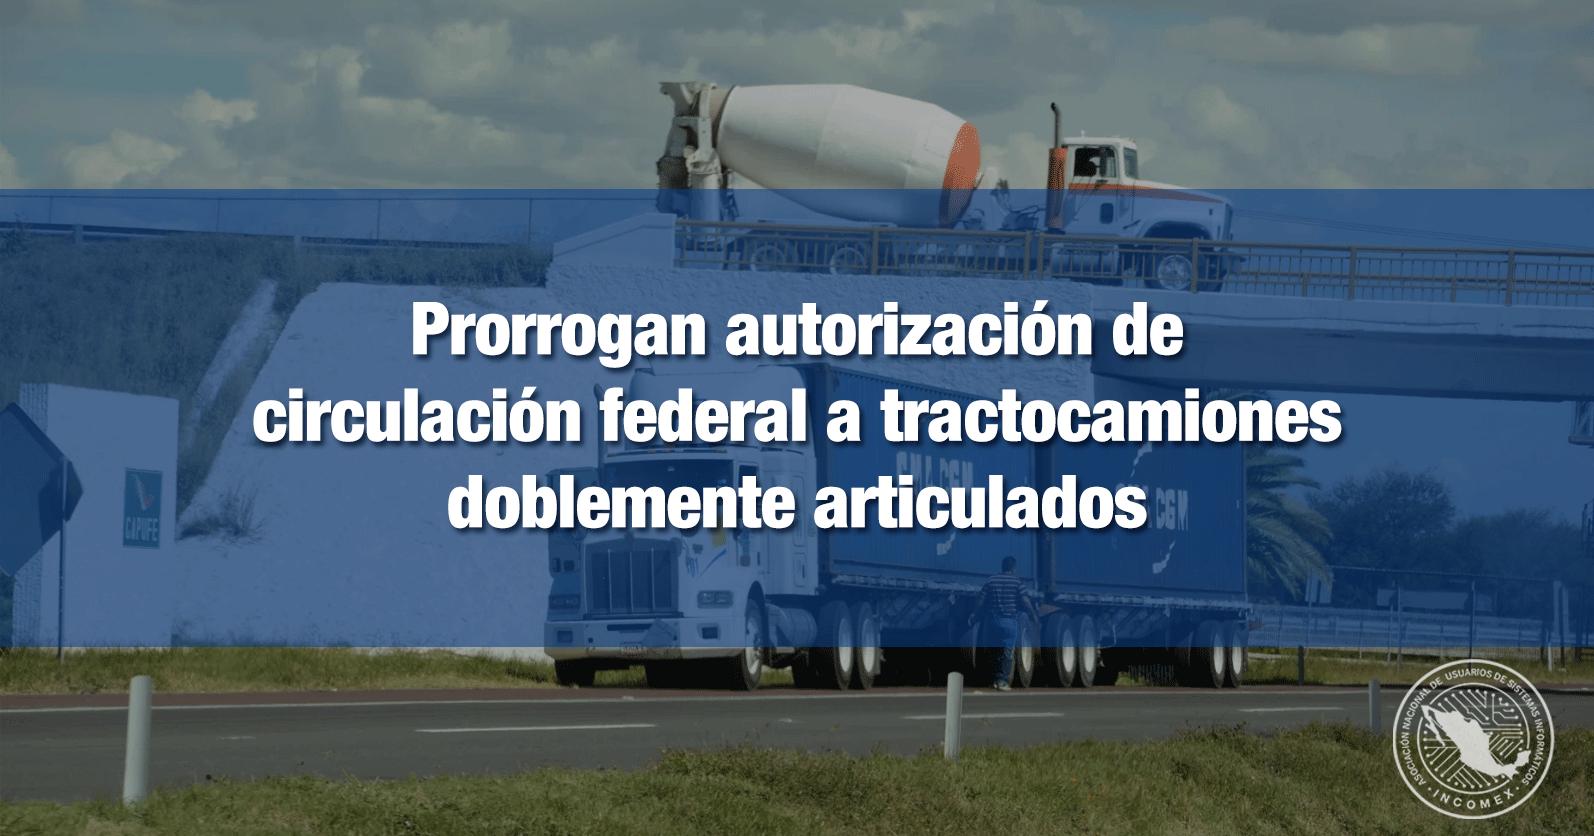 Prorrogan autorización de circulación federal a tractocamiones doblemente articulados